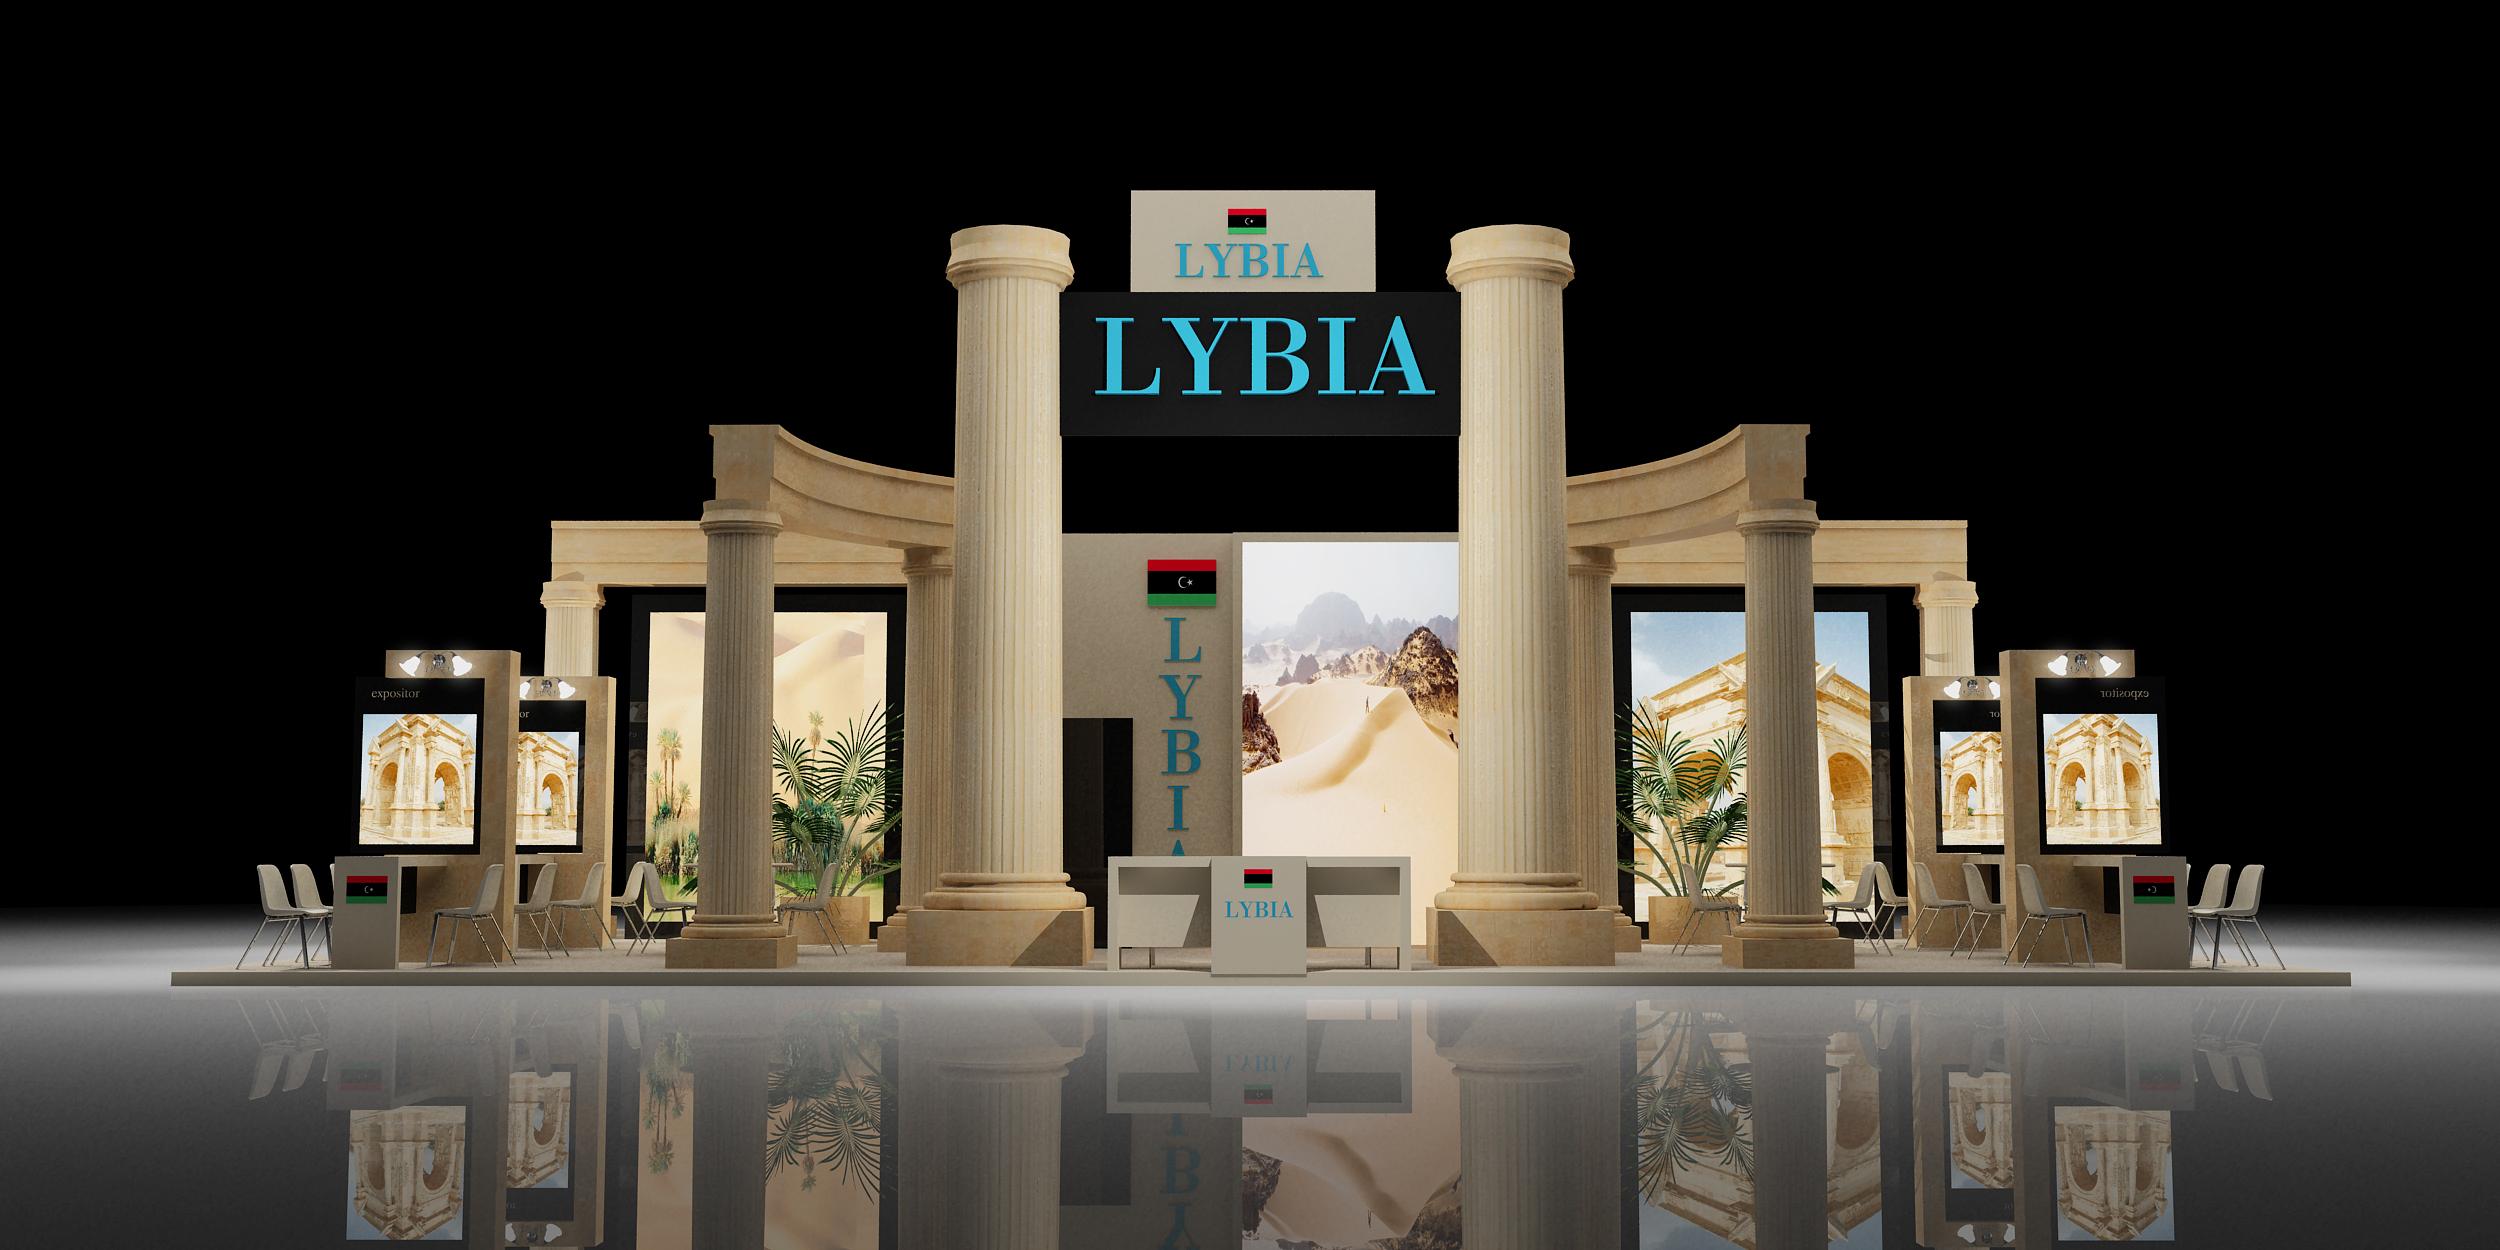 LYBIA